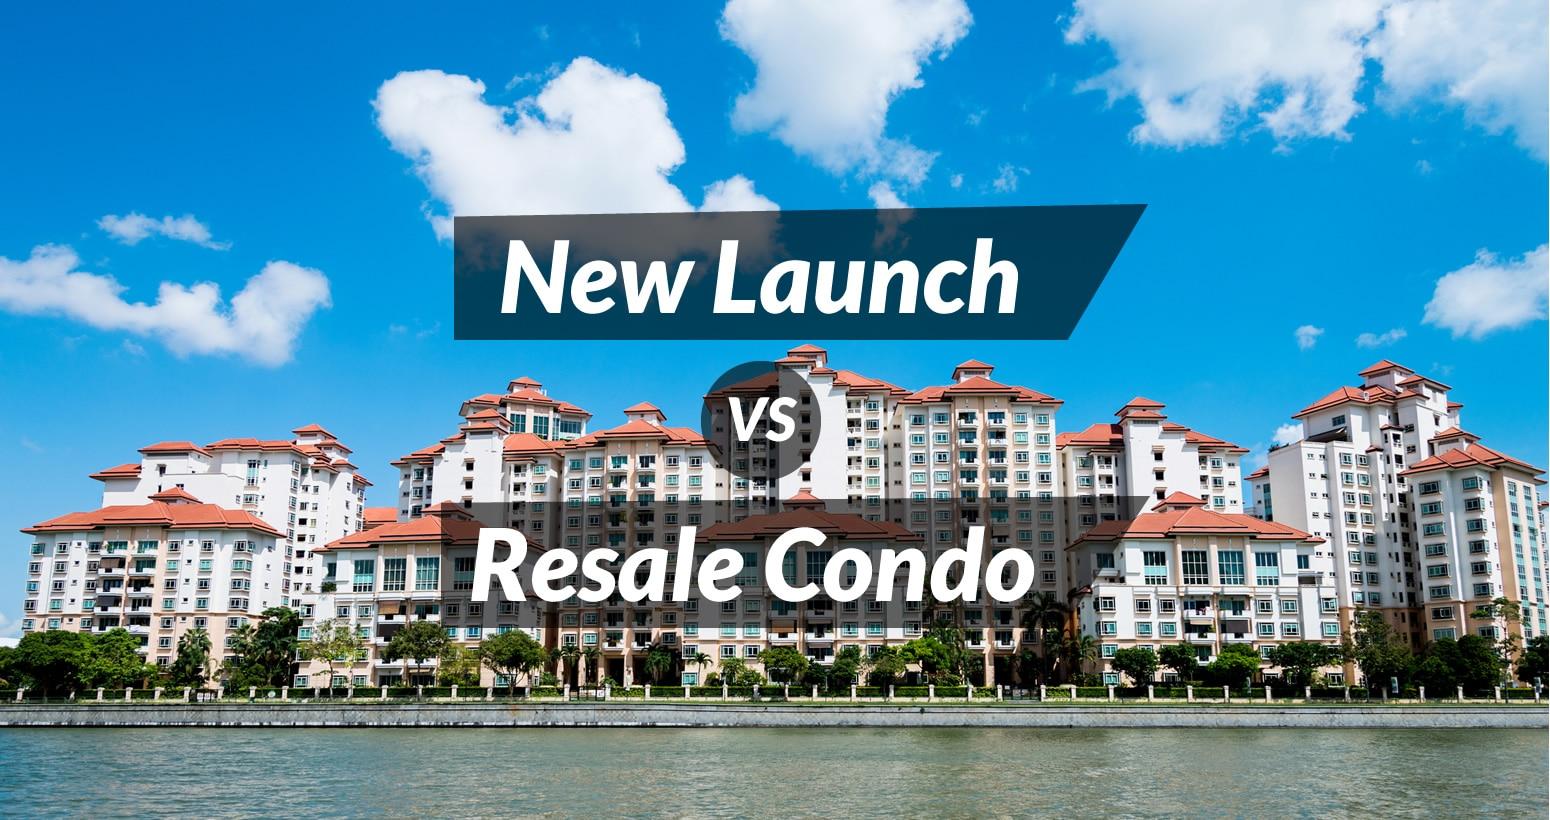 new-launch-vs-resale-condo